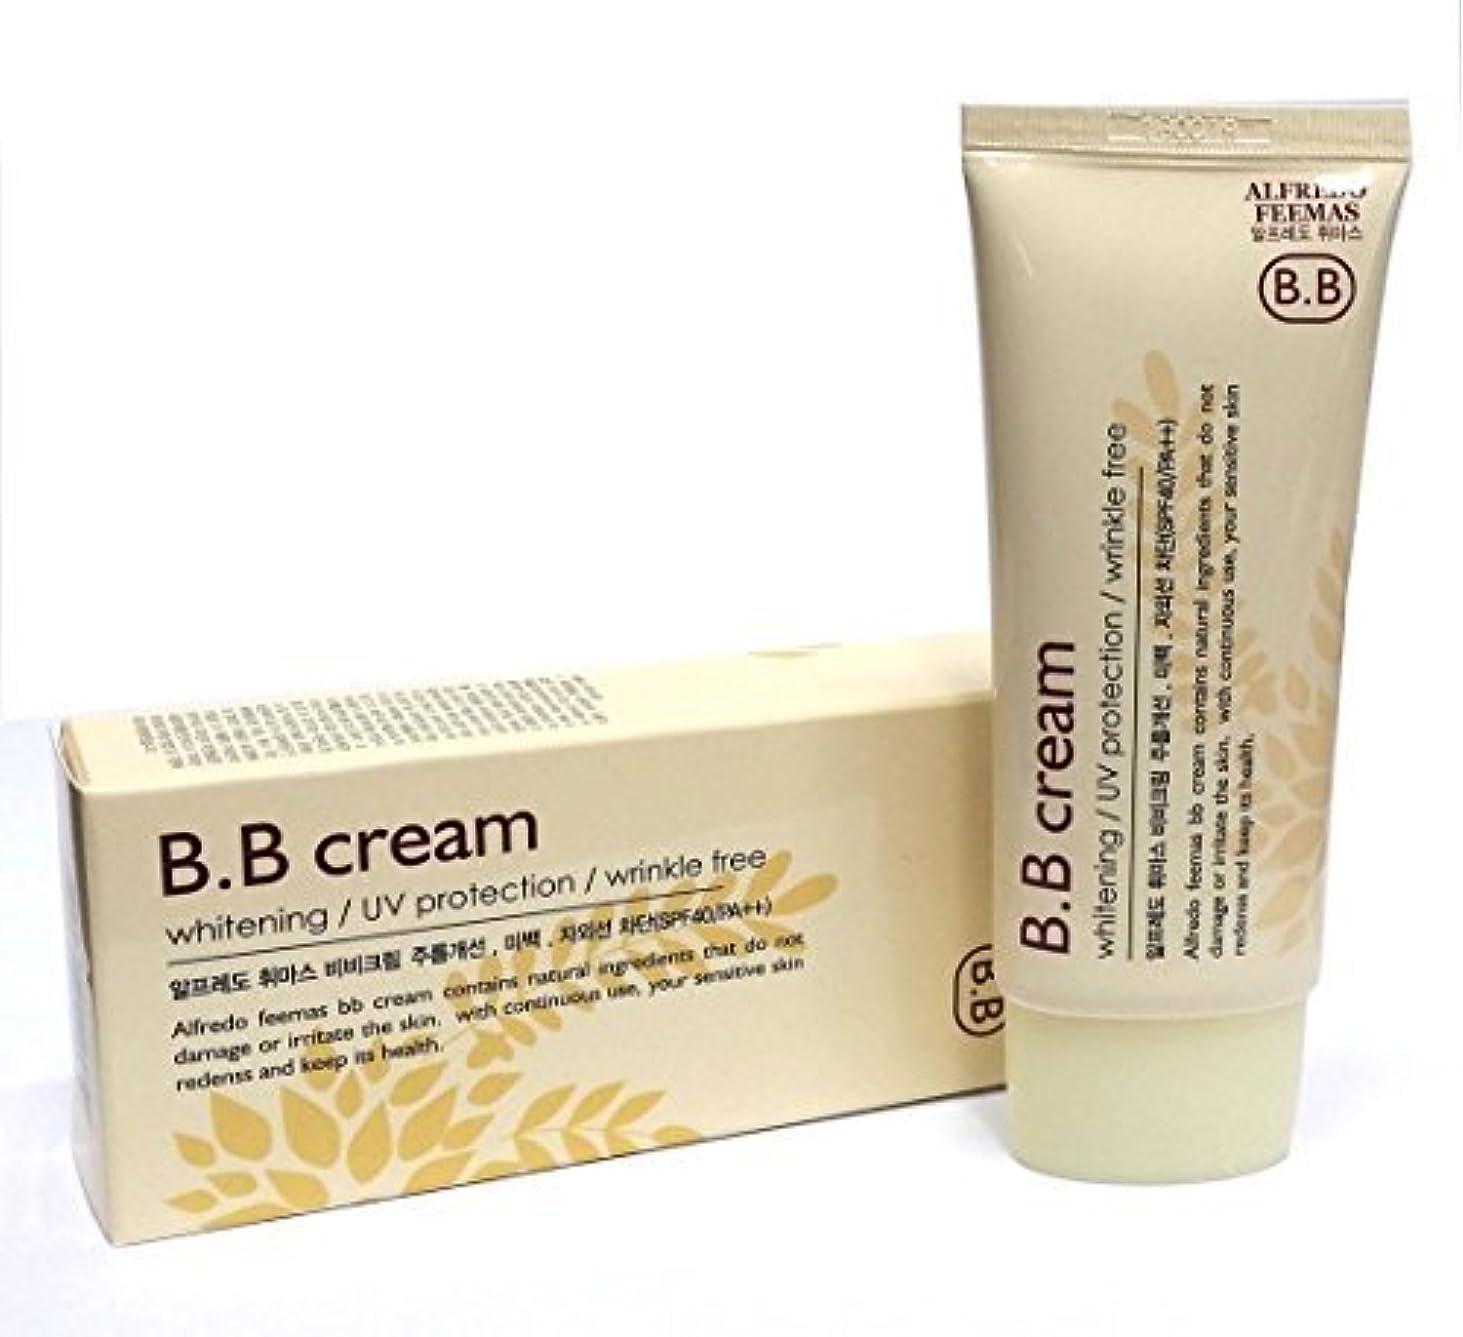 切手見て一致[ALFREDO FEEMAS] シャイニングBBクリームホワイトニング日焼け止めSPF40 PA++ 50ml / 韓国化粧品 / Shining BB Cream Whitening Sunblock SPF40 PA...